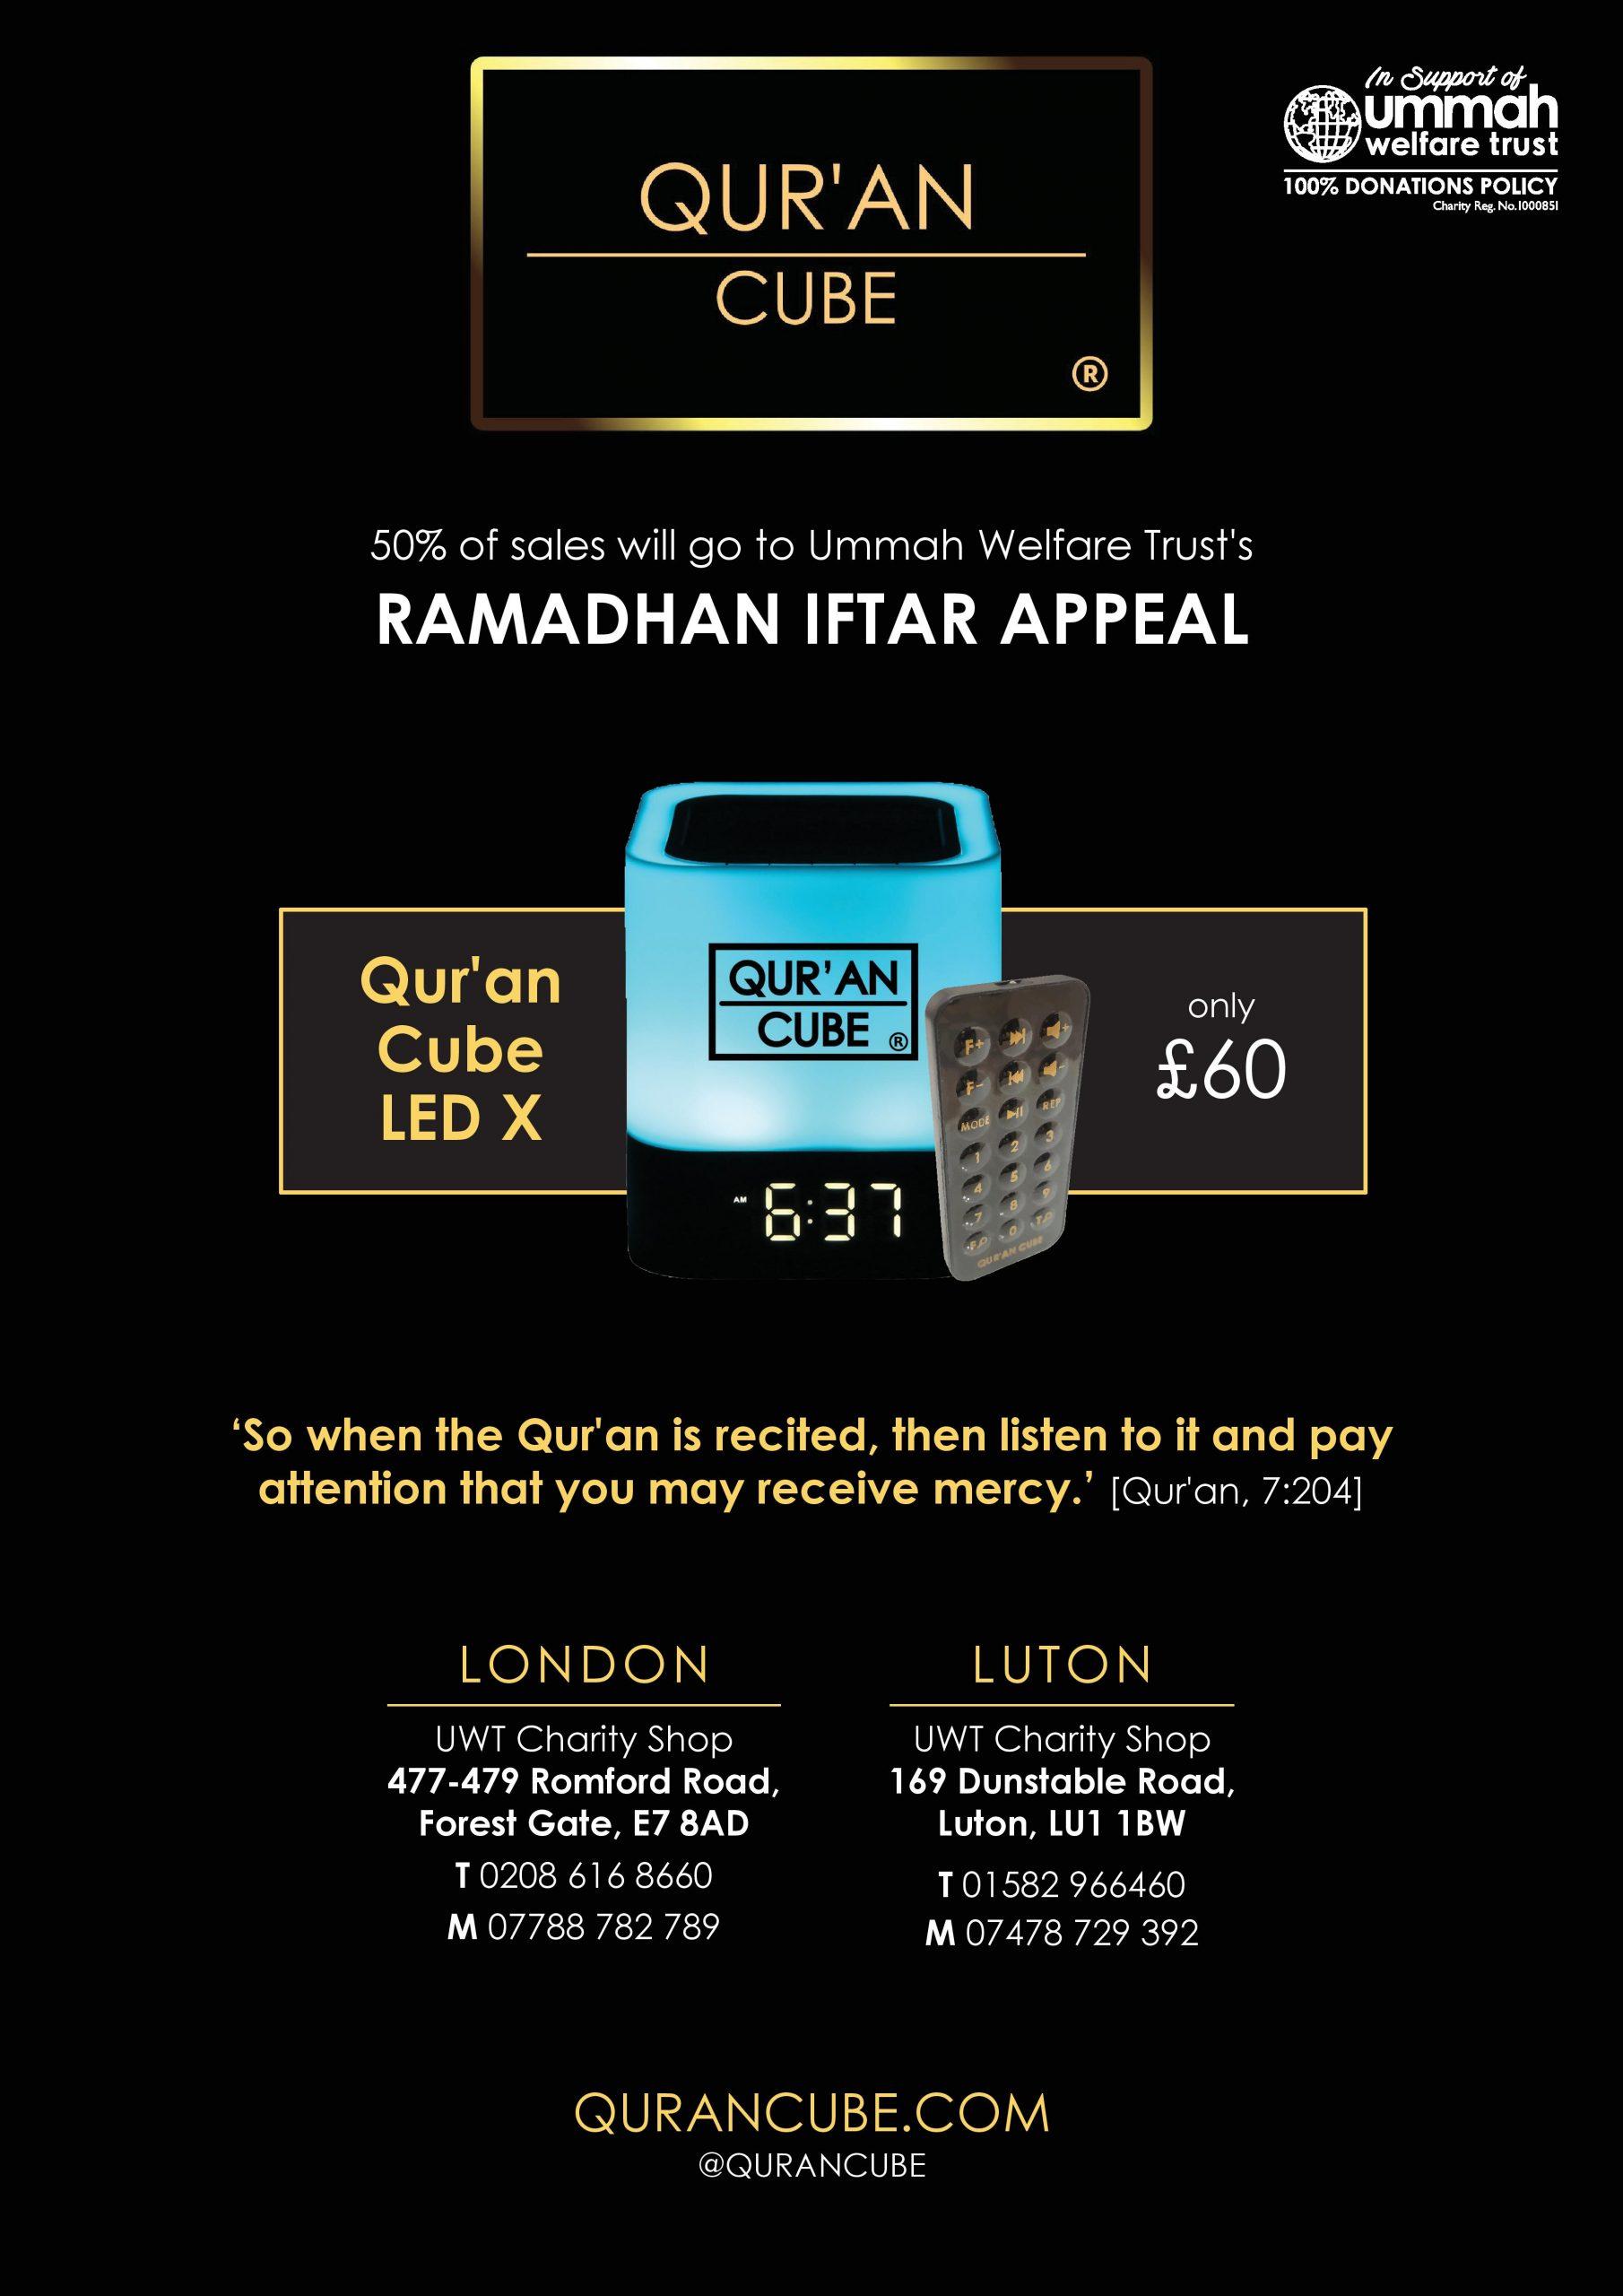 Qur AnCube